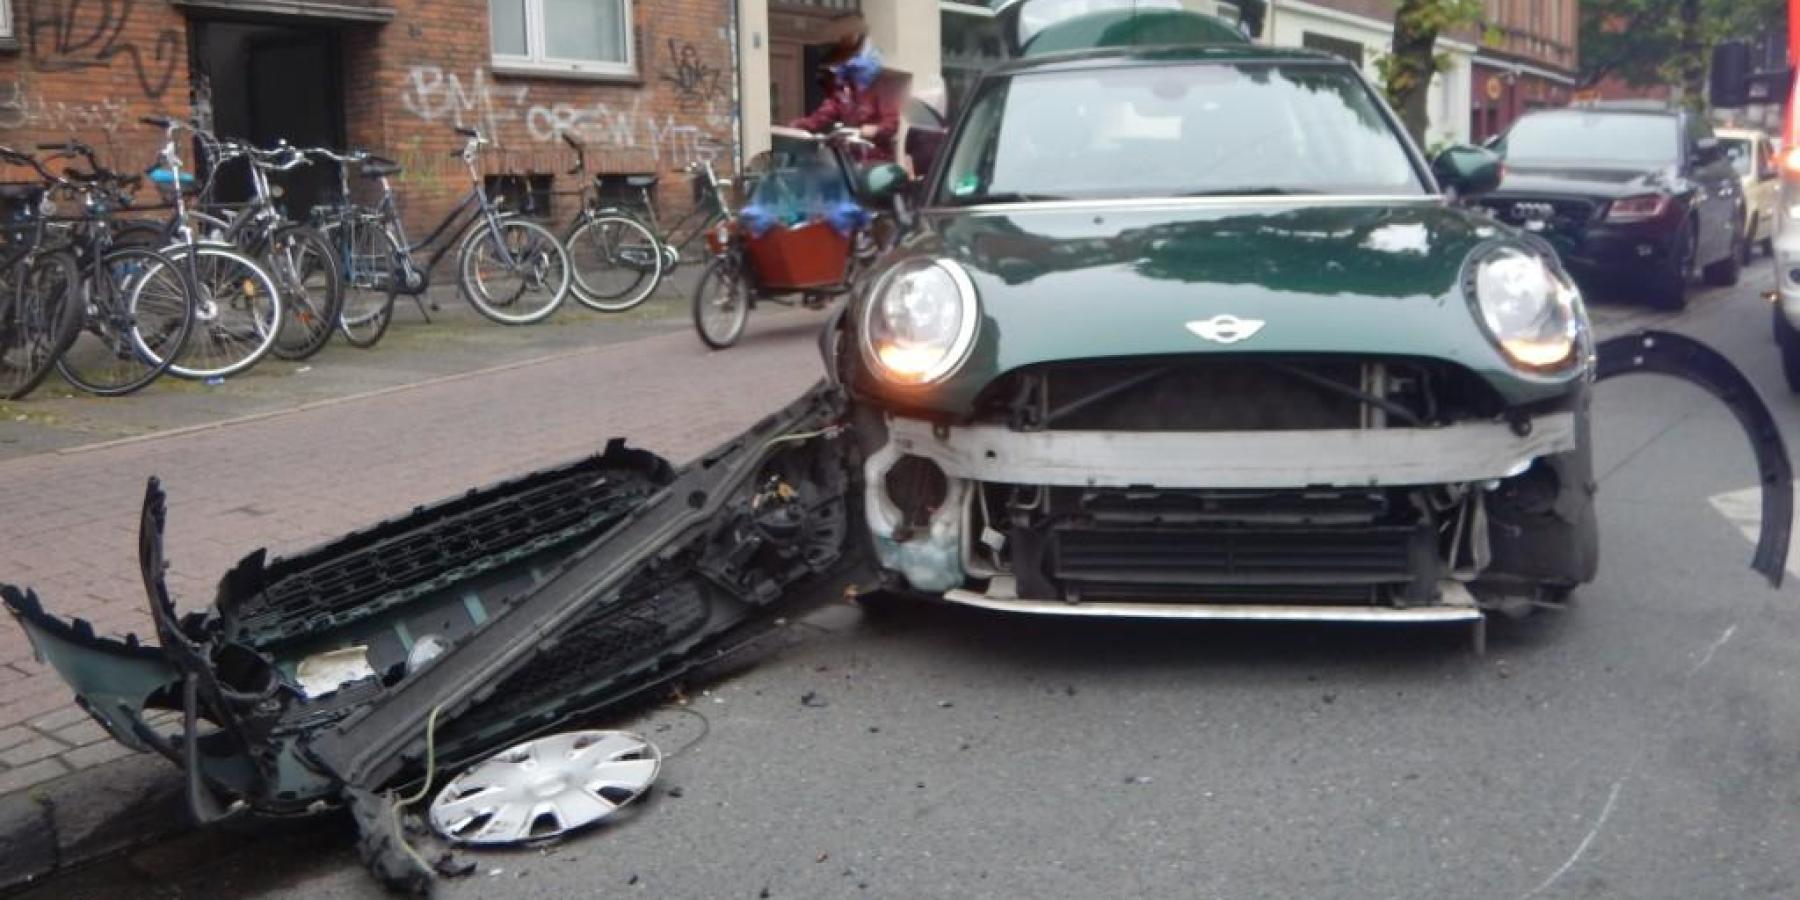 Beim Anfahren Auto übersehen – eine Leichtverletzte und 11.000 Euro Sachschaden